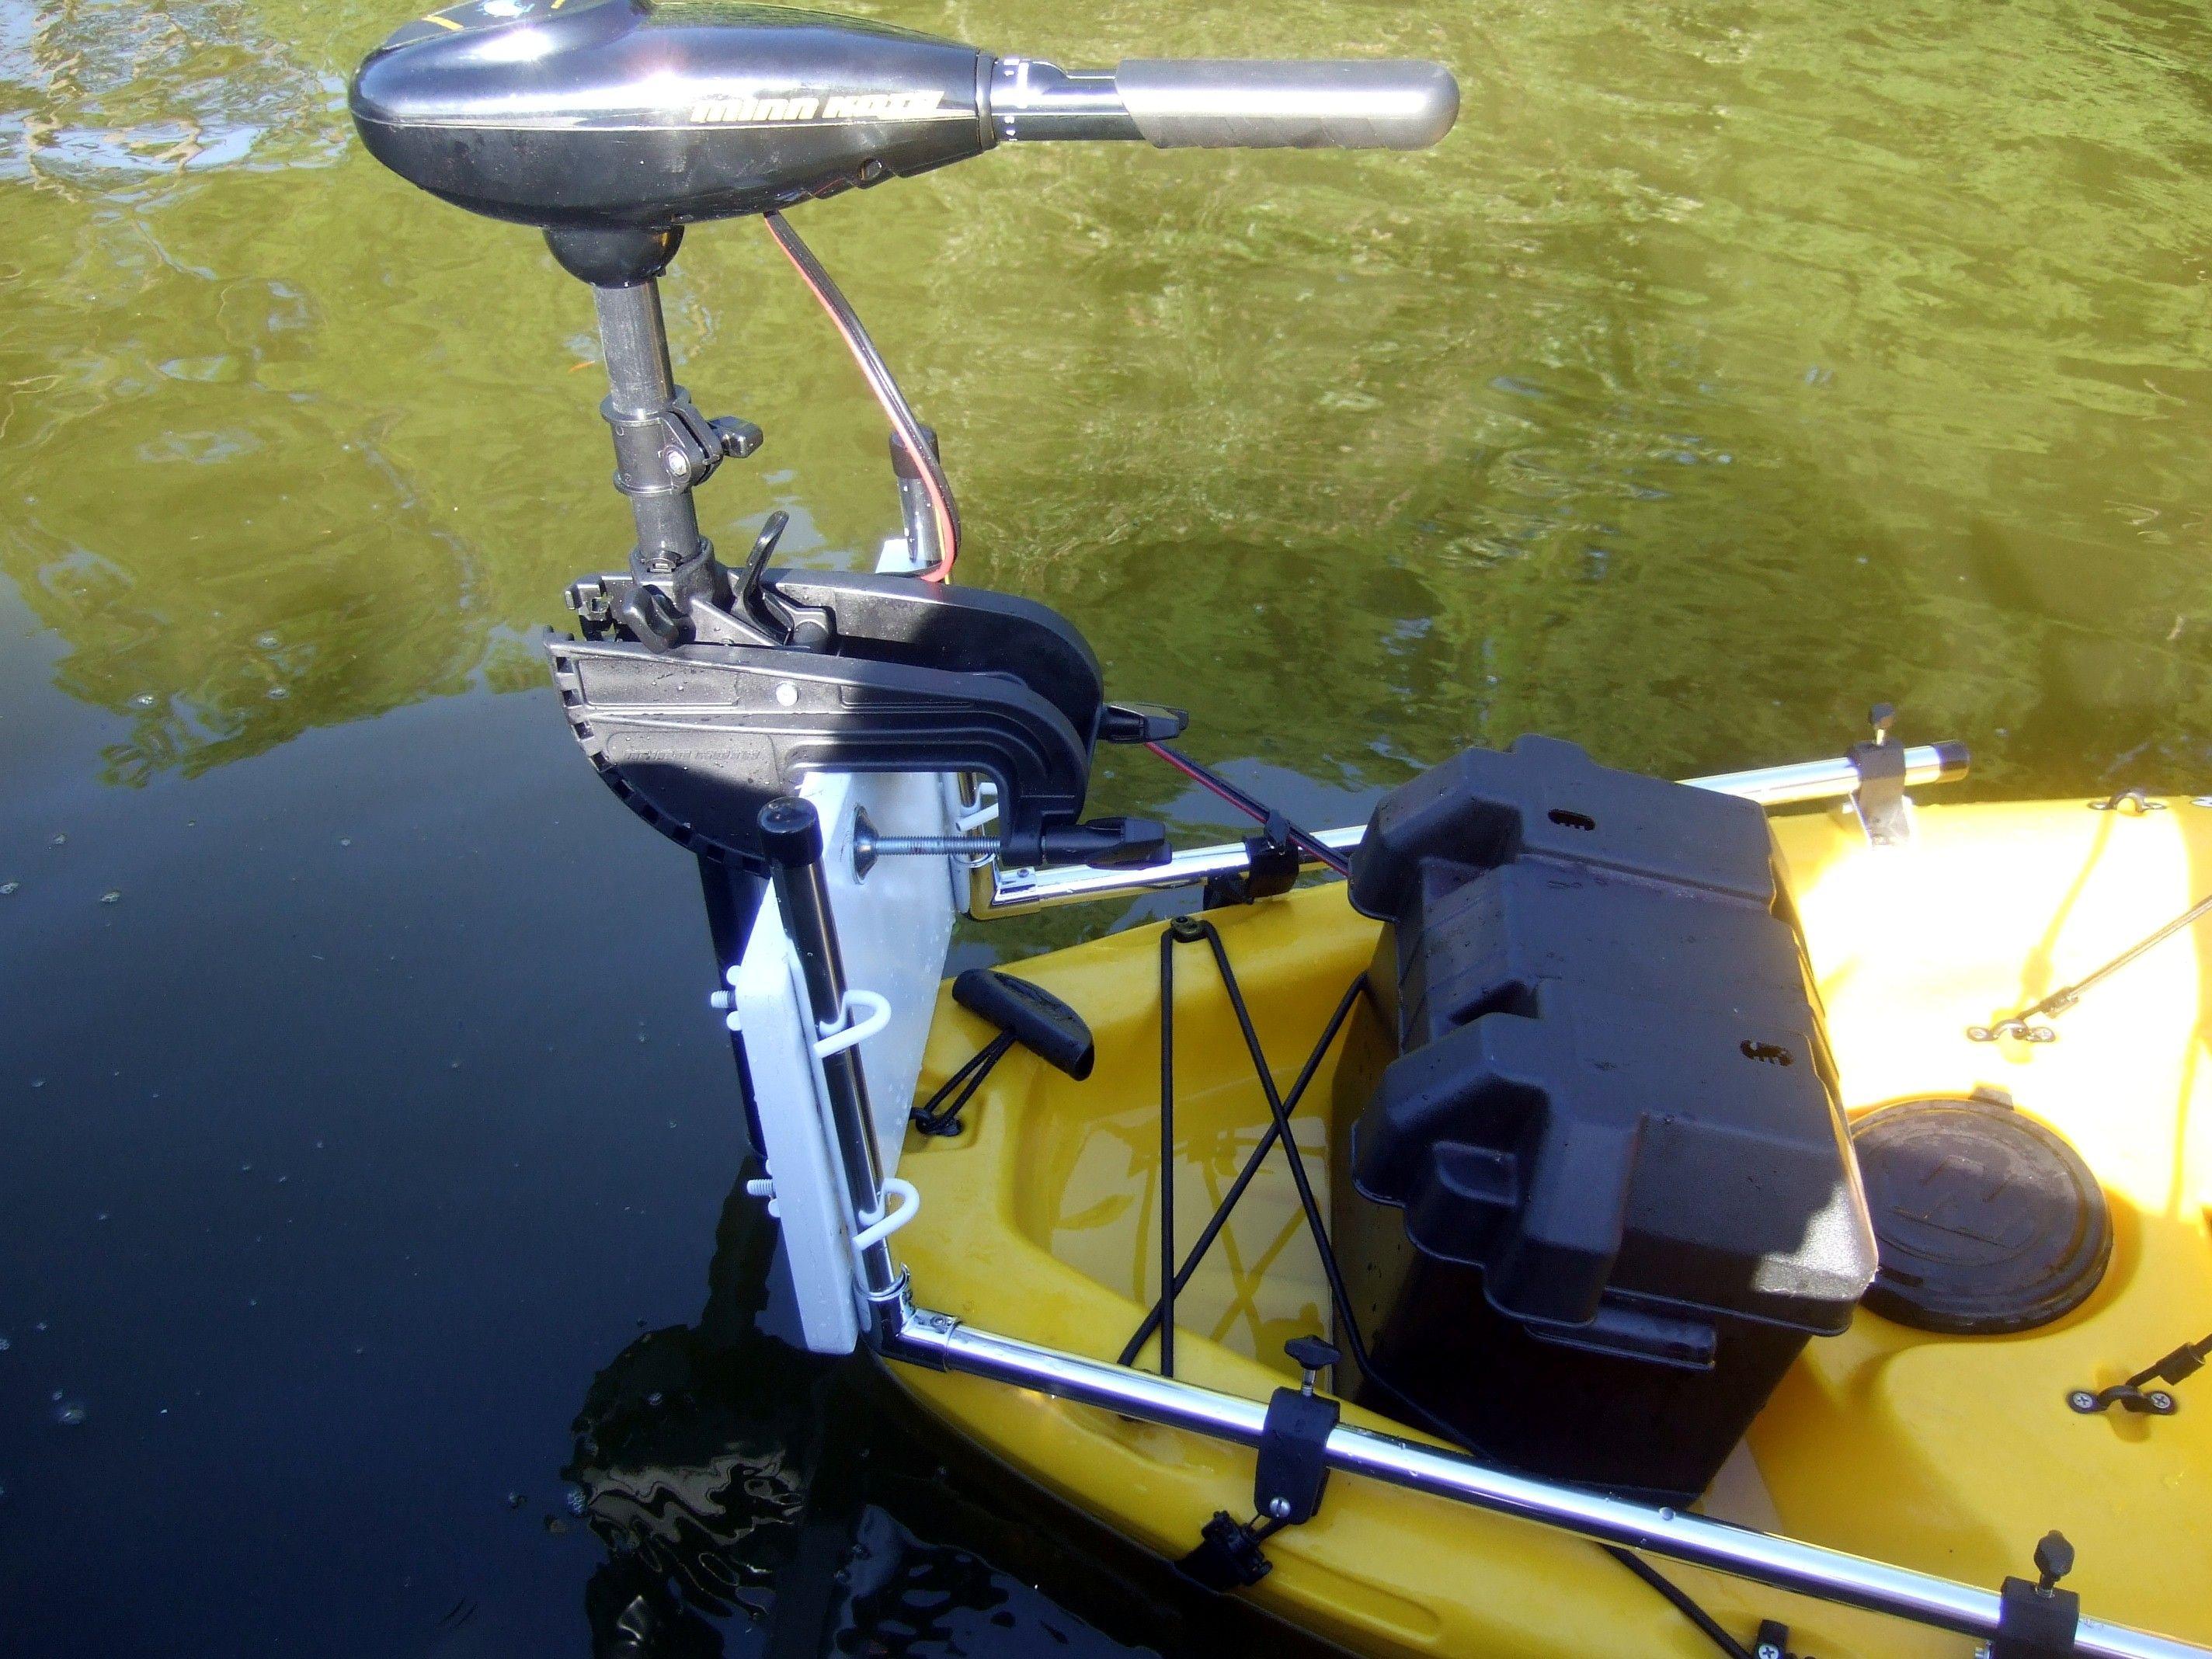 Universal Trolling Motor Bracket For Your Kayak Or Canoe Kayaking Inflatable Kayak Kayak Fishing Setup